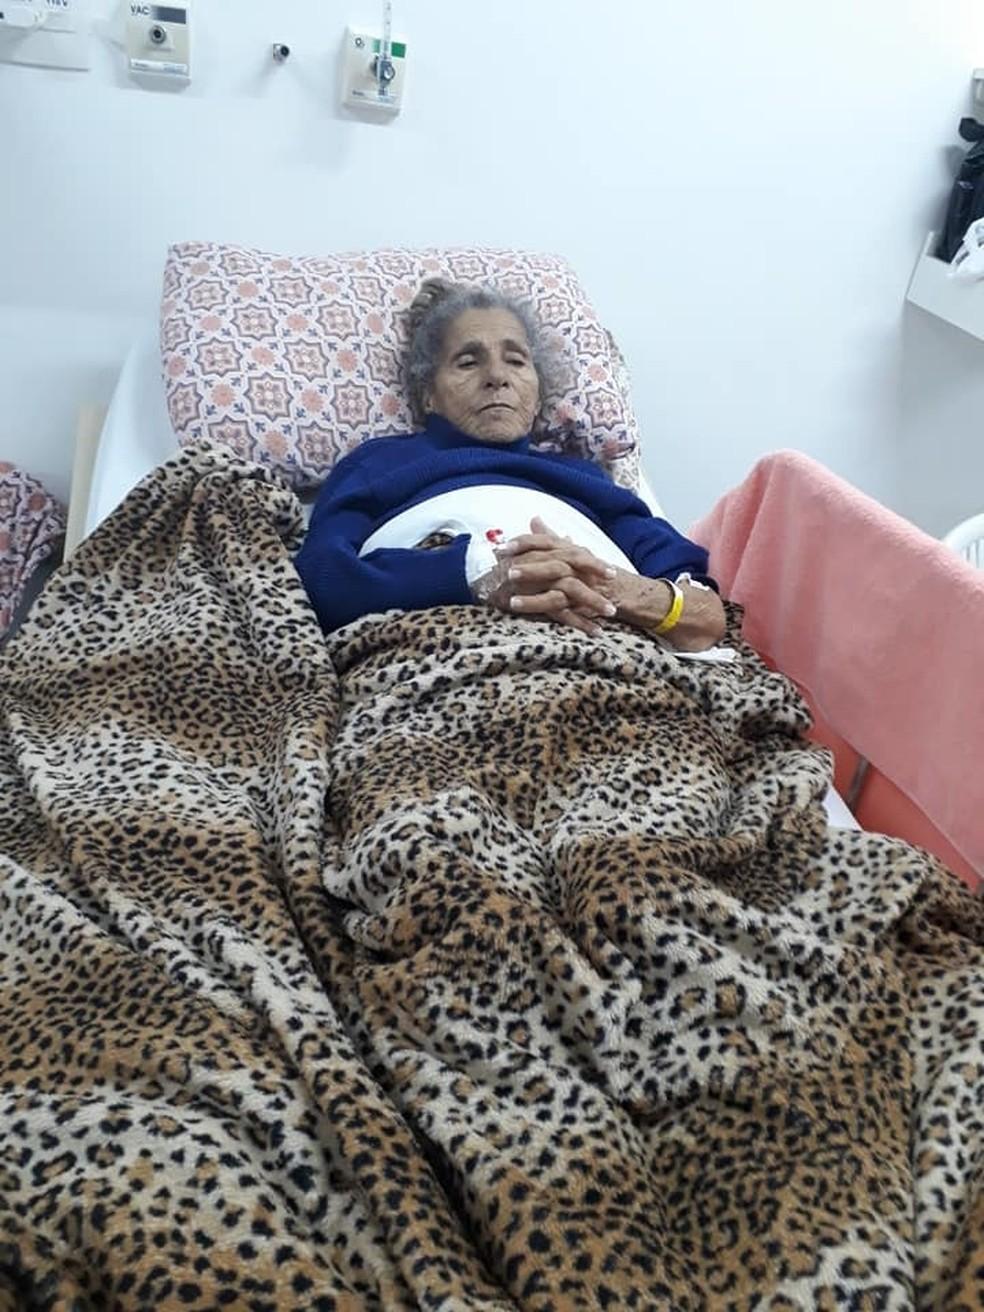 Idosa recebeu alta com bolsa de urina e desenvolveu infecção generalizada. — Foto: Arquivo pessoal/Mônica Cristina da Silva